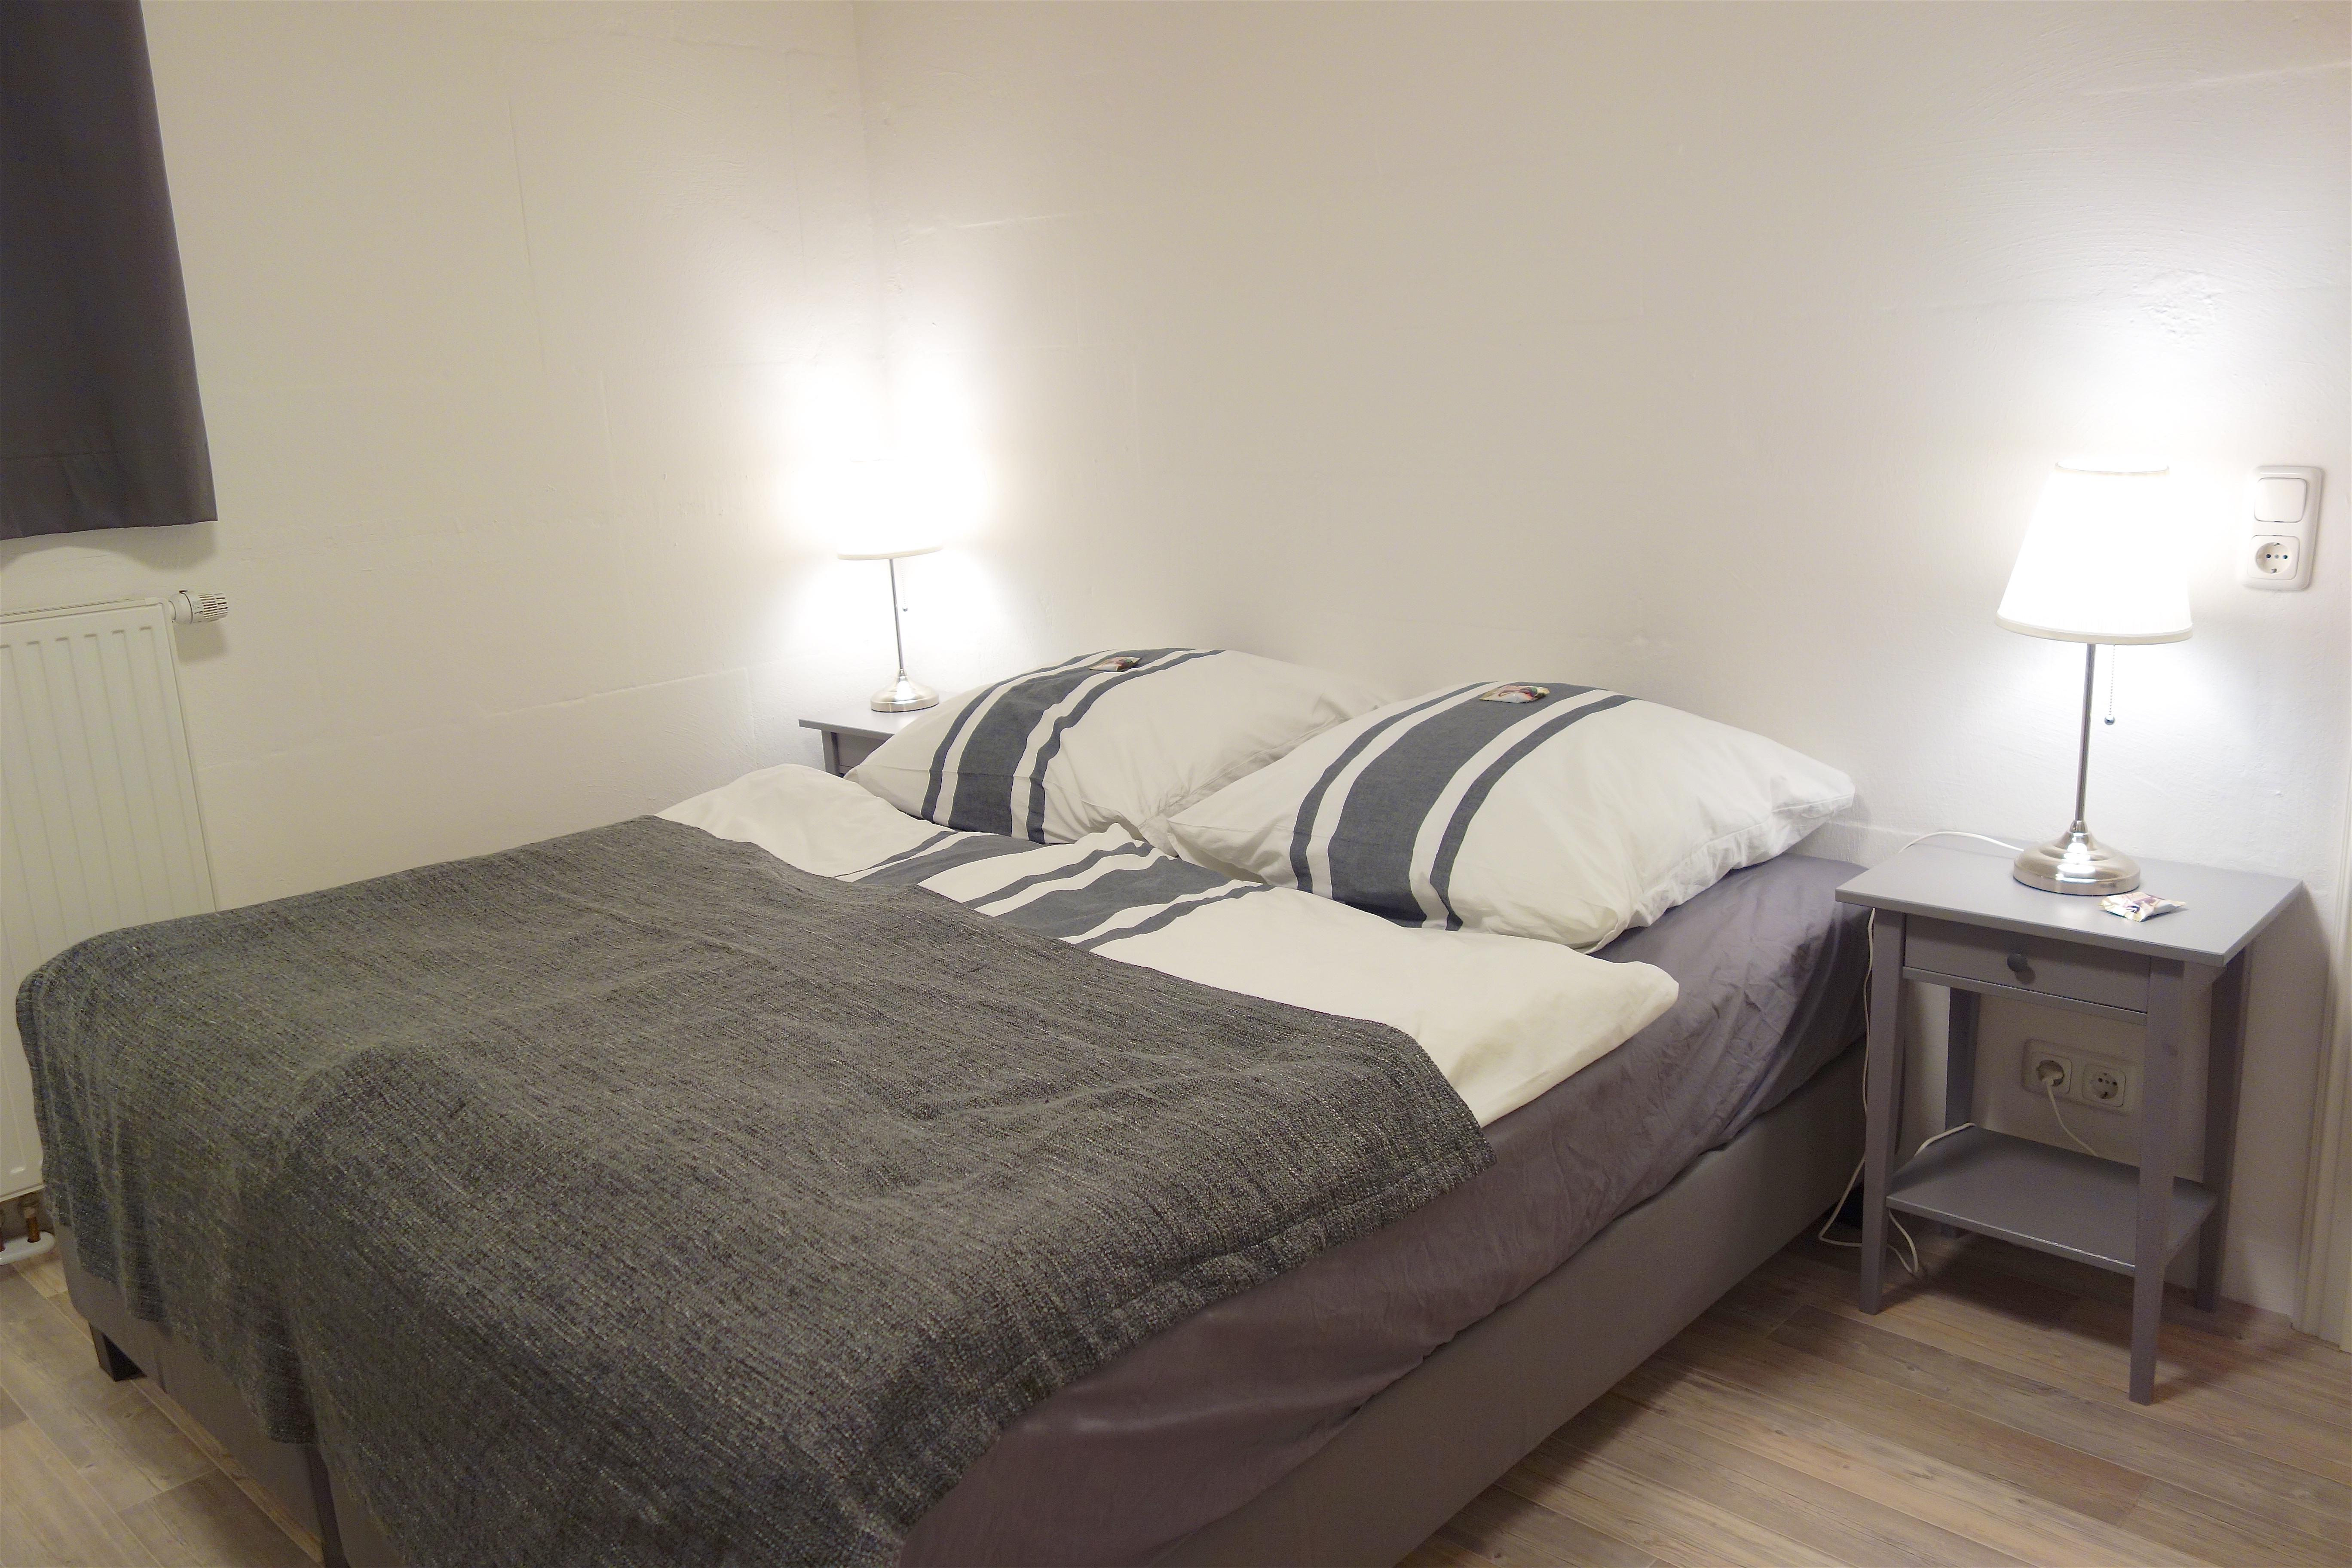 Schlafzimmer. Doppelbett mit festen Matratzen